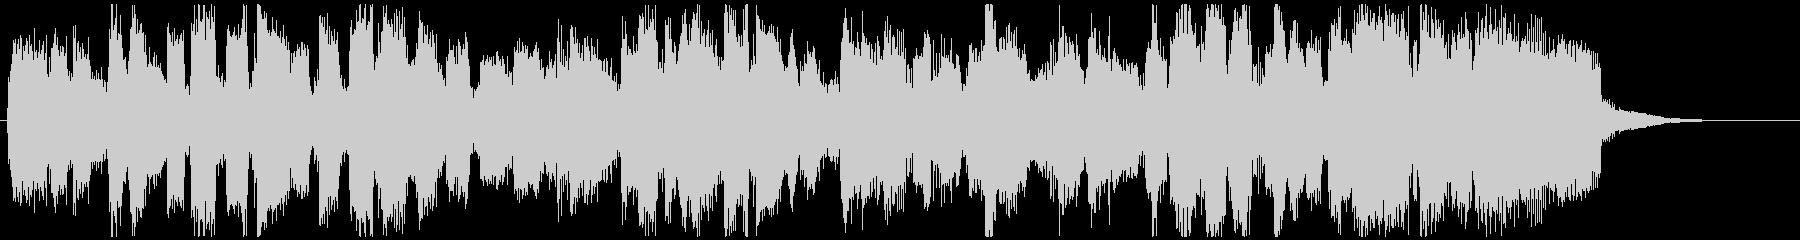 柔らかい高音サックスジャズ15秒ジングルの未再生の波形